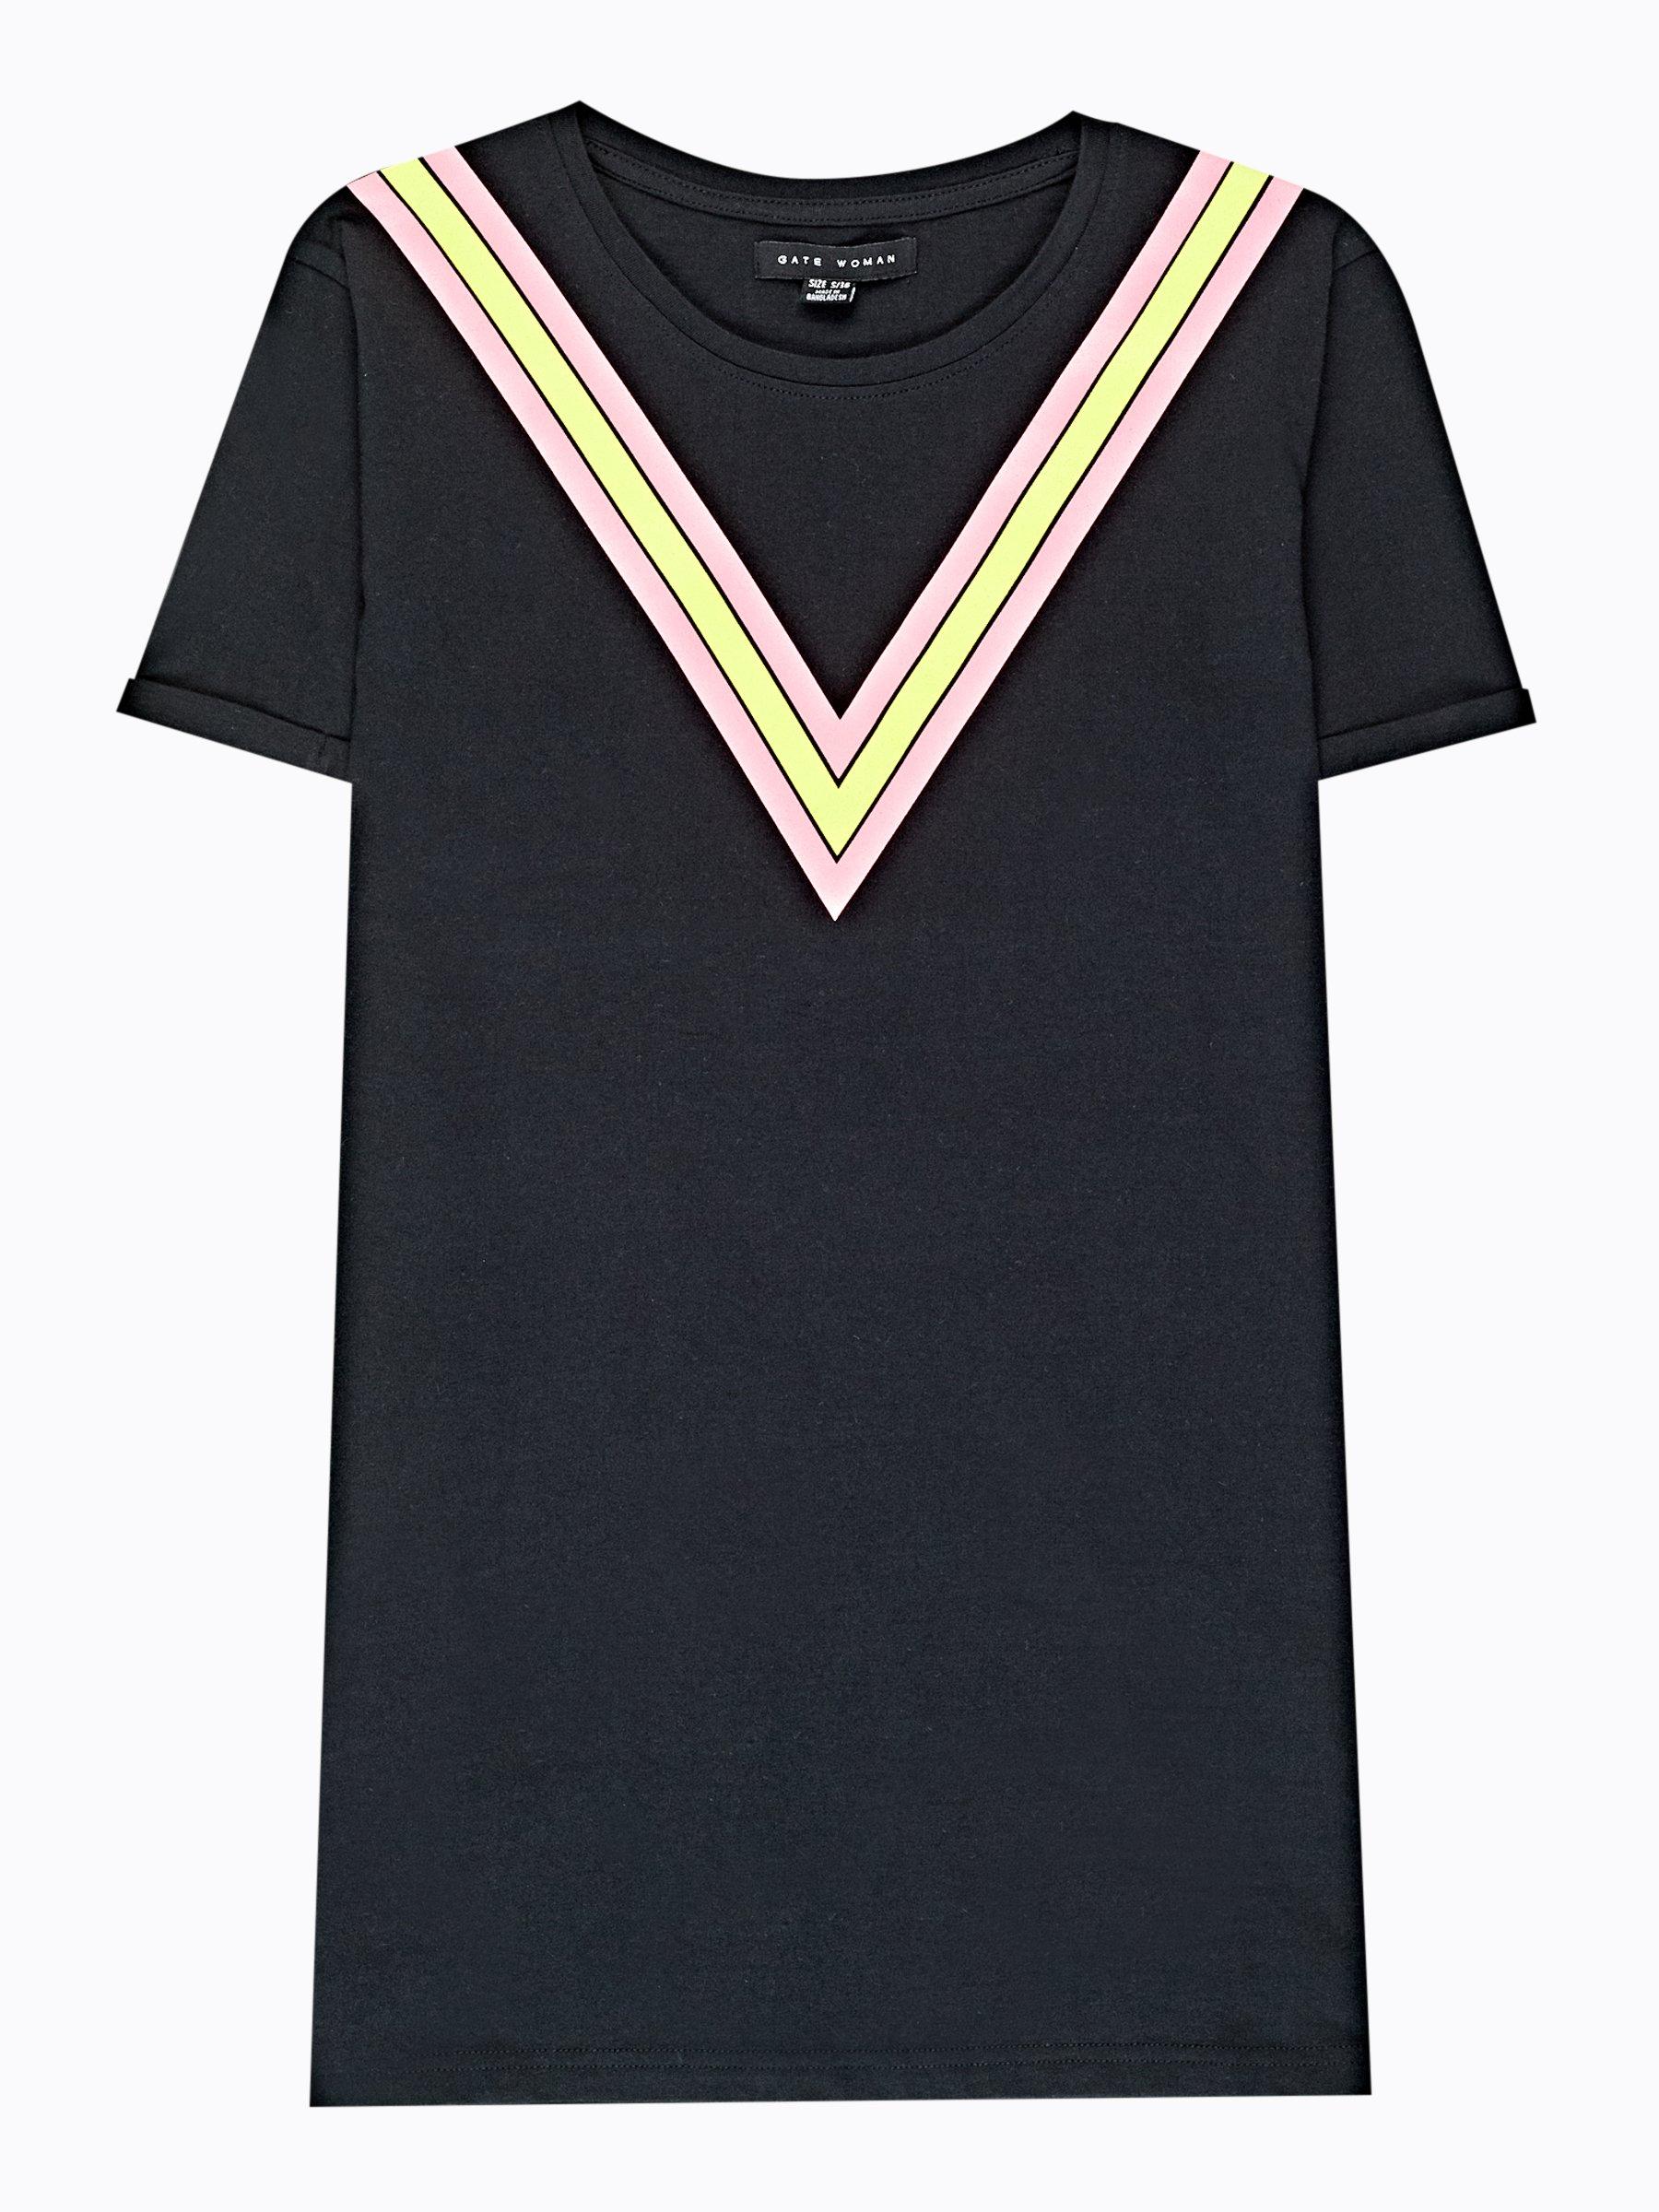 5c530d030b69 Dlhé tričko s potlačou